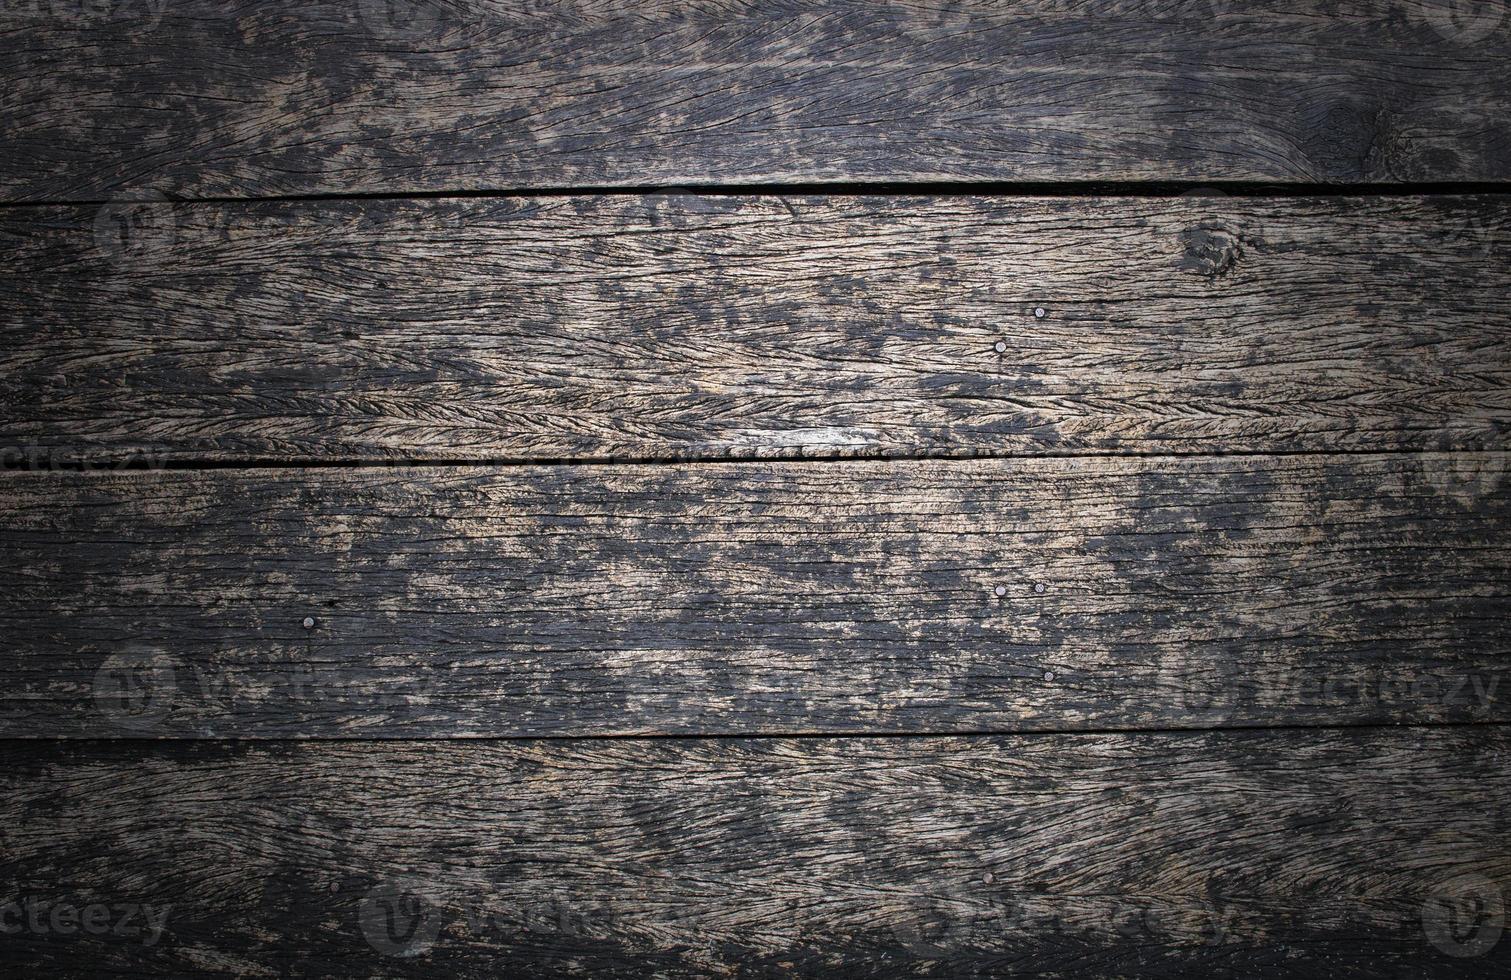 grunge e fundo vintage de madeira escura foto